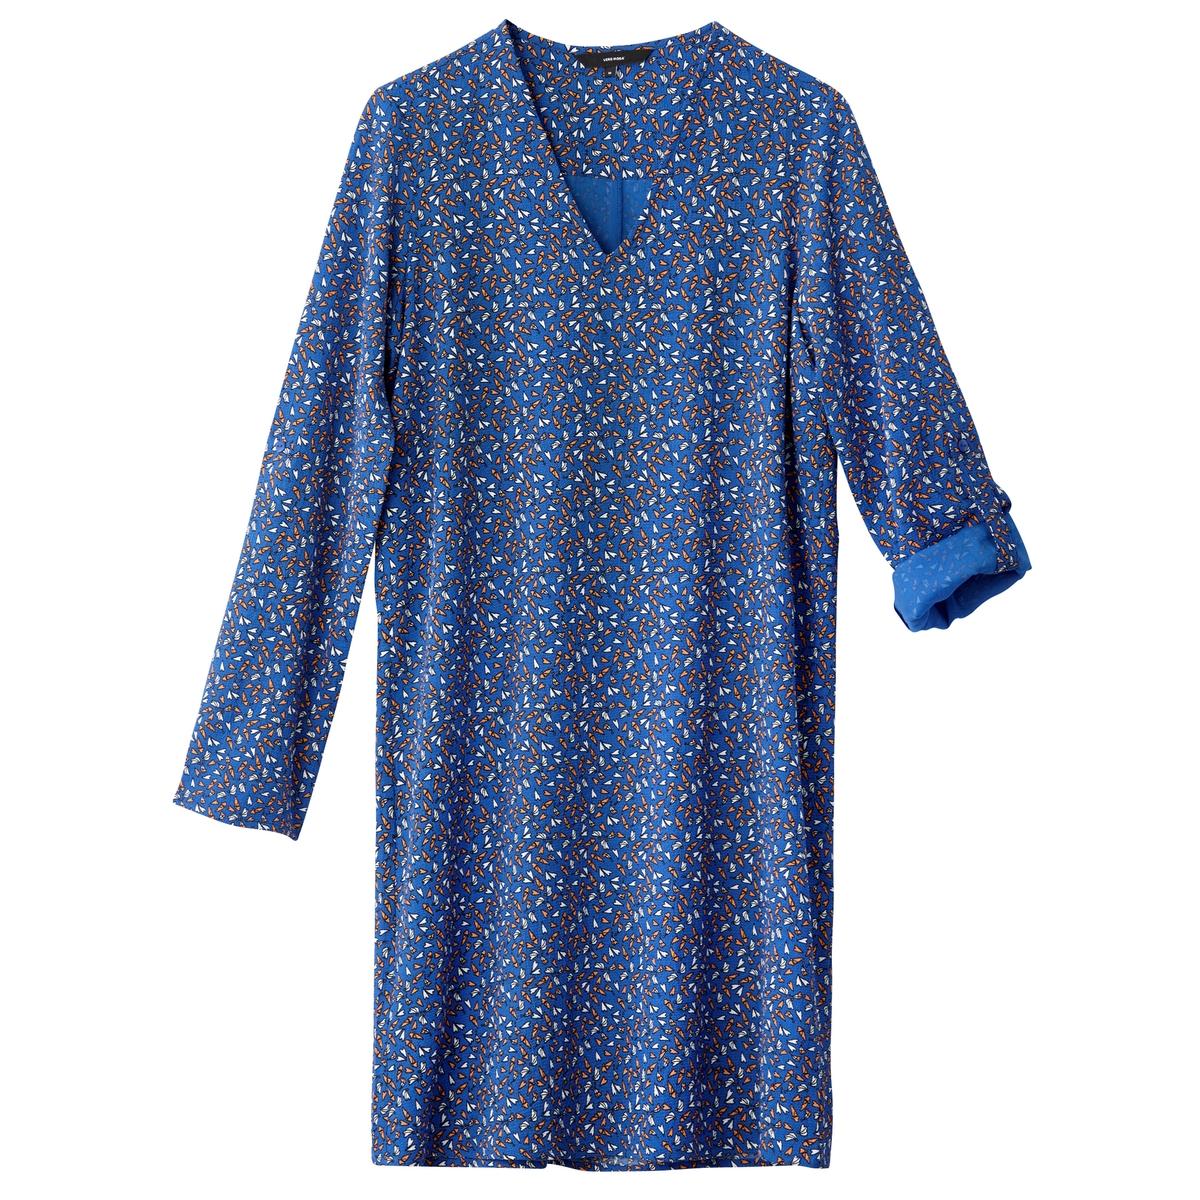 Платье La Redoute Короткое прямое с рисунком и длинными рукавами L синий цена